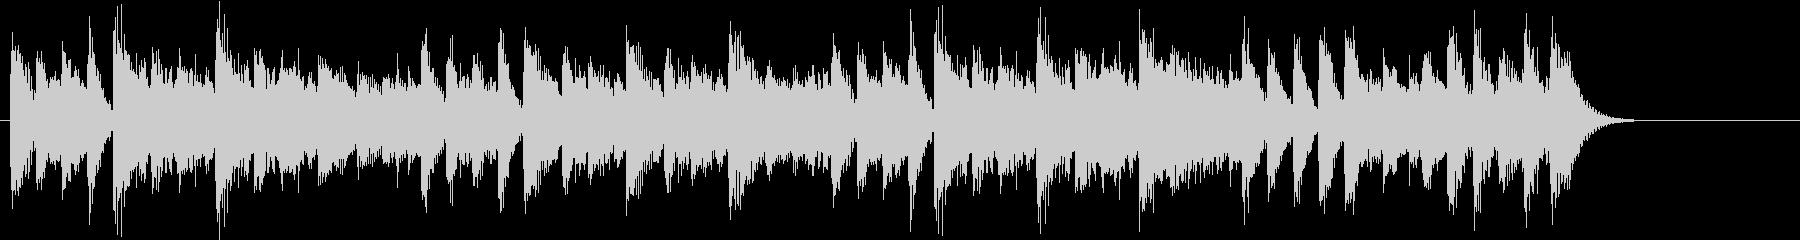 16分音符のリズムが楽しいピアノジングルの未再生の波形